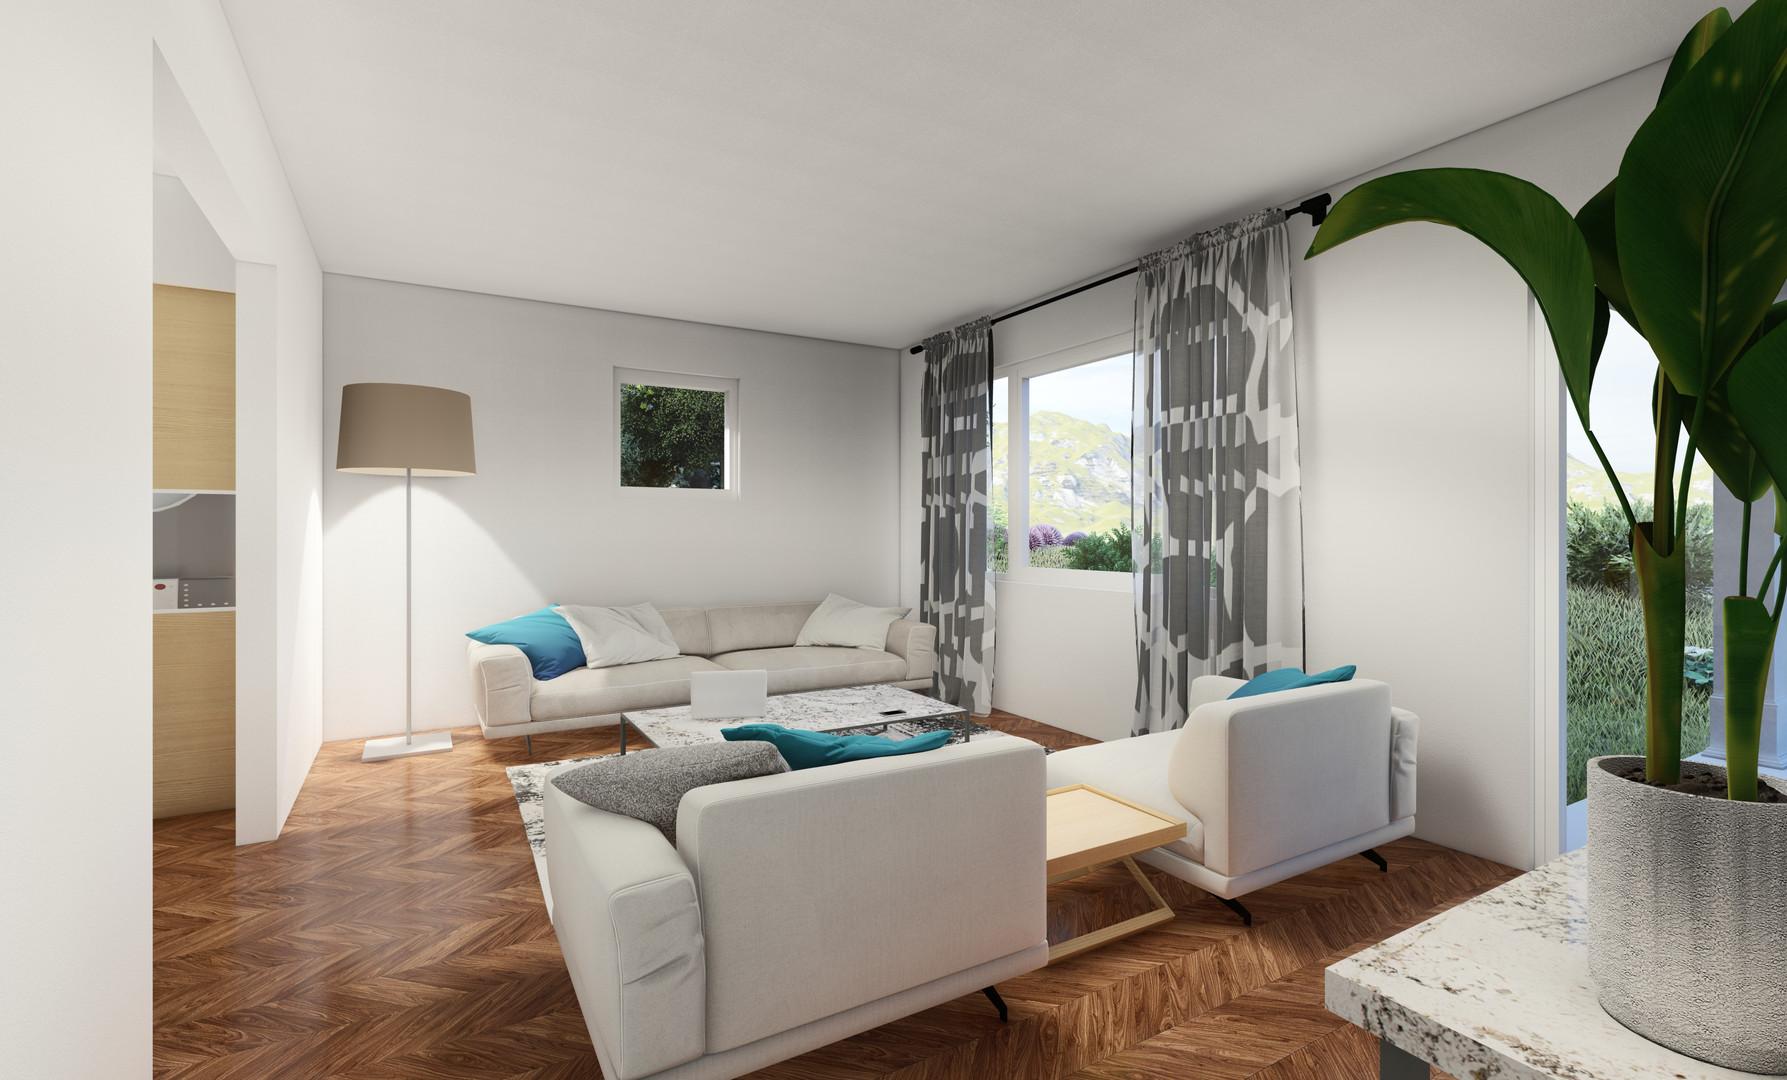 Mockupfirst floor living room.jpg